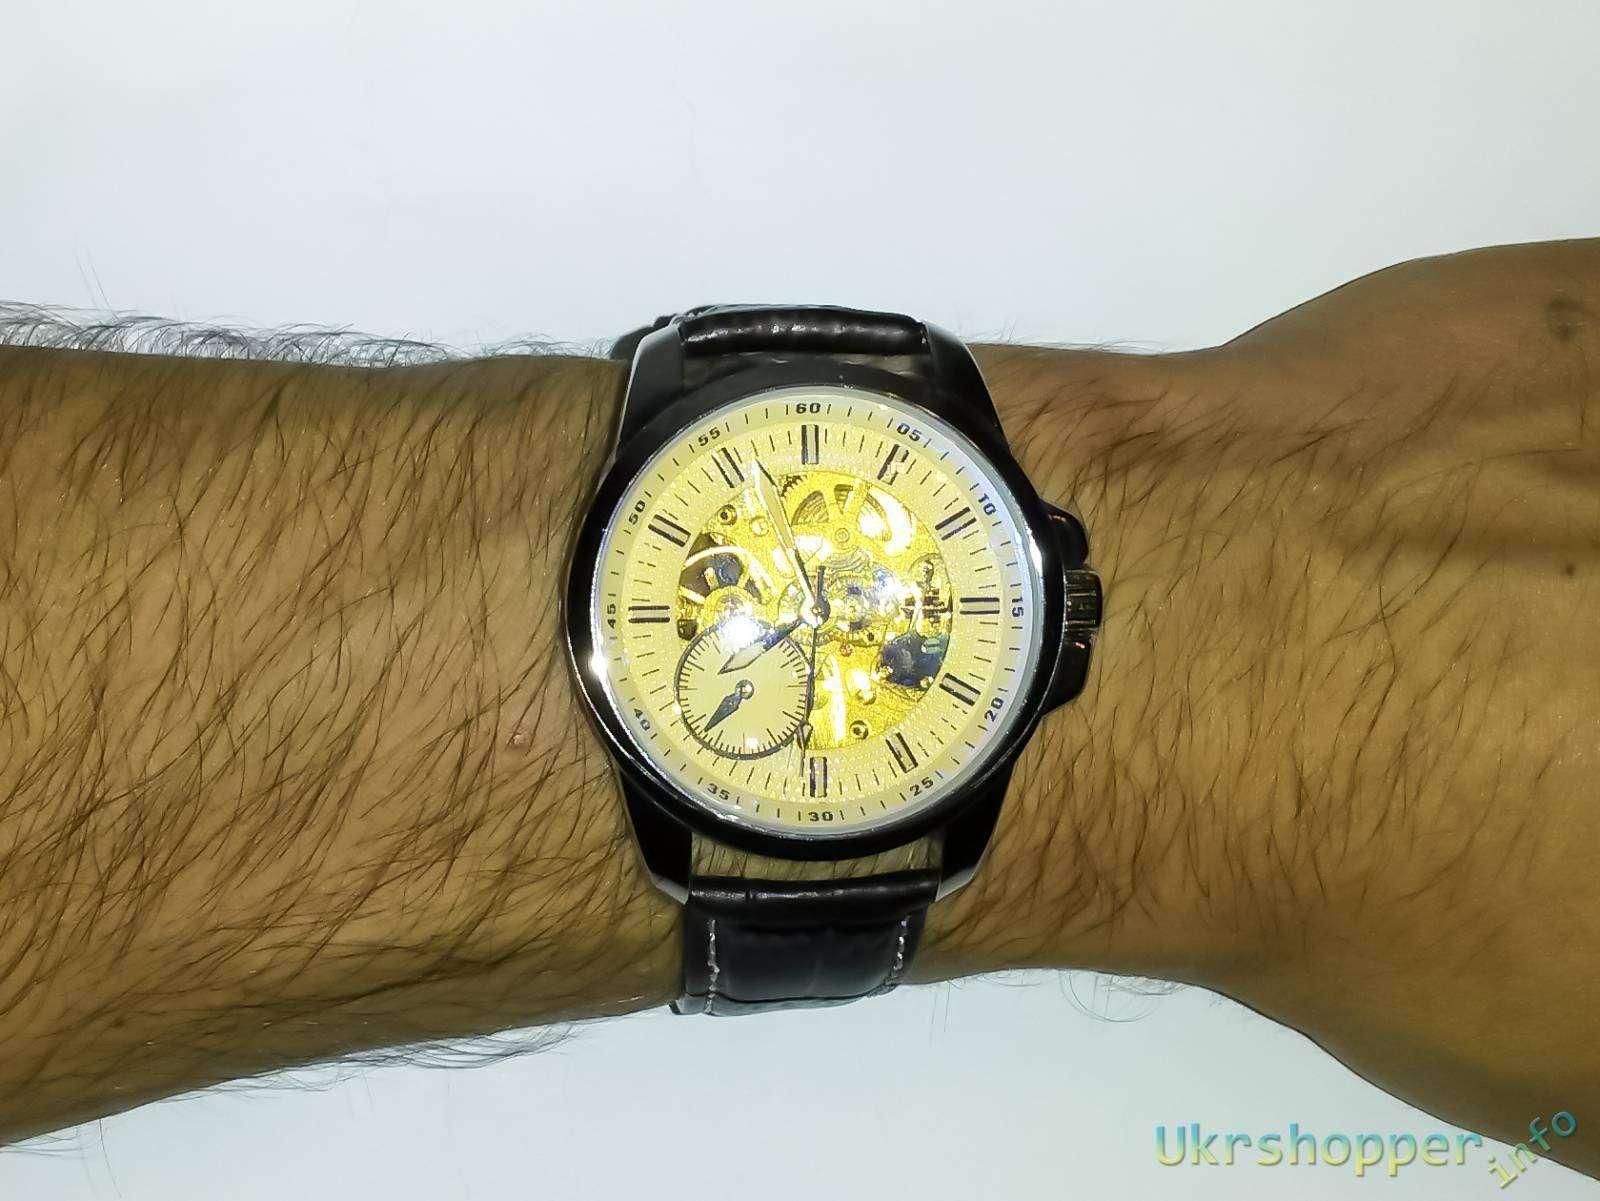 Comebuy.com: Обзор мужских механических часов с автоподзаводом